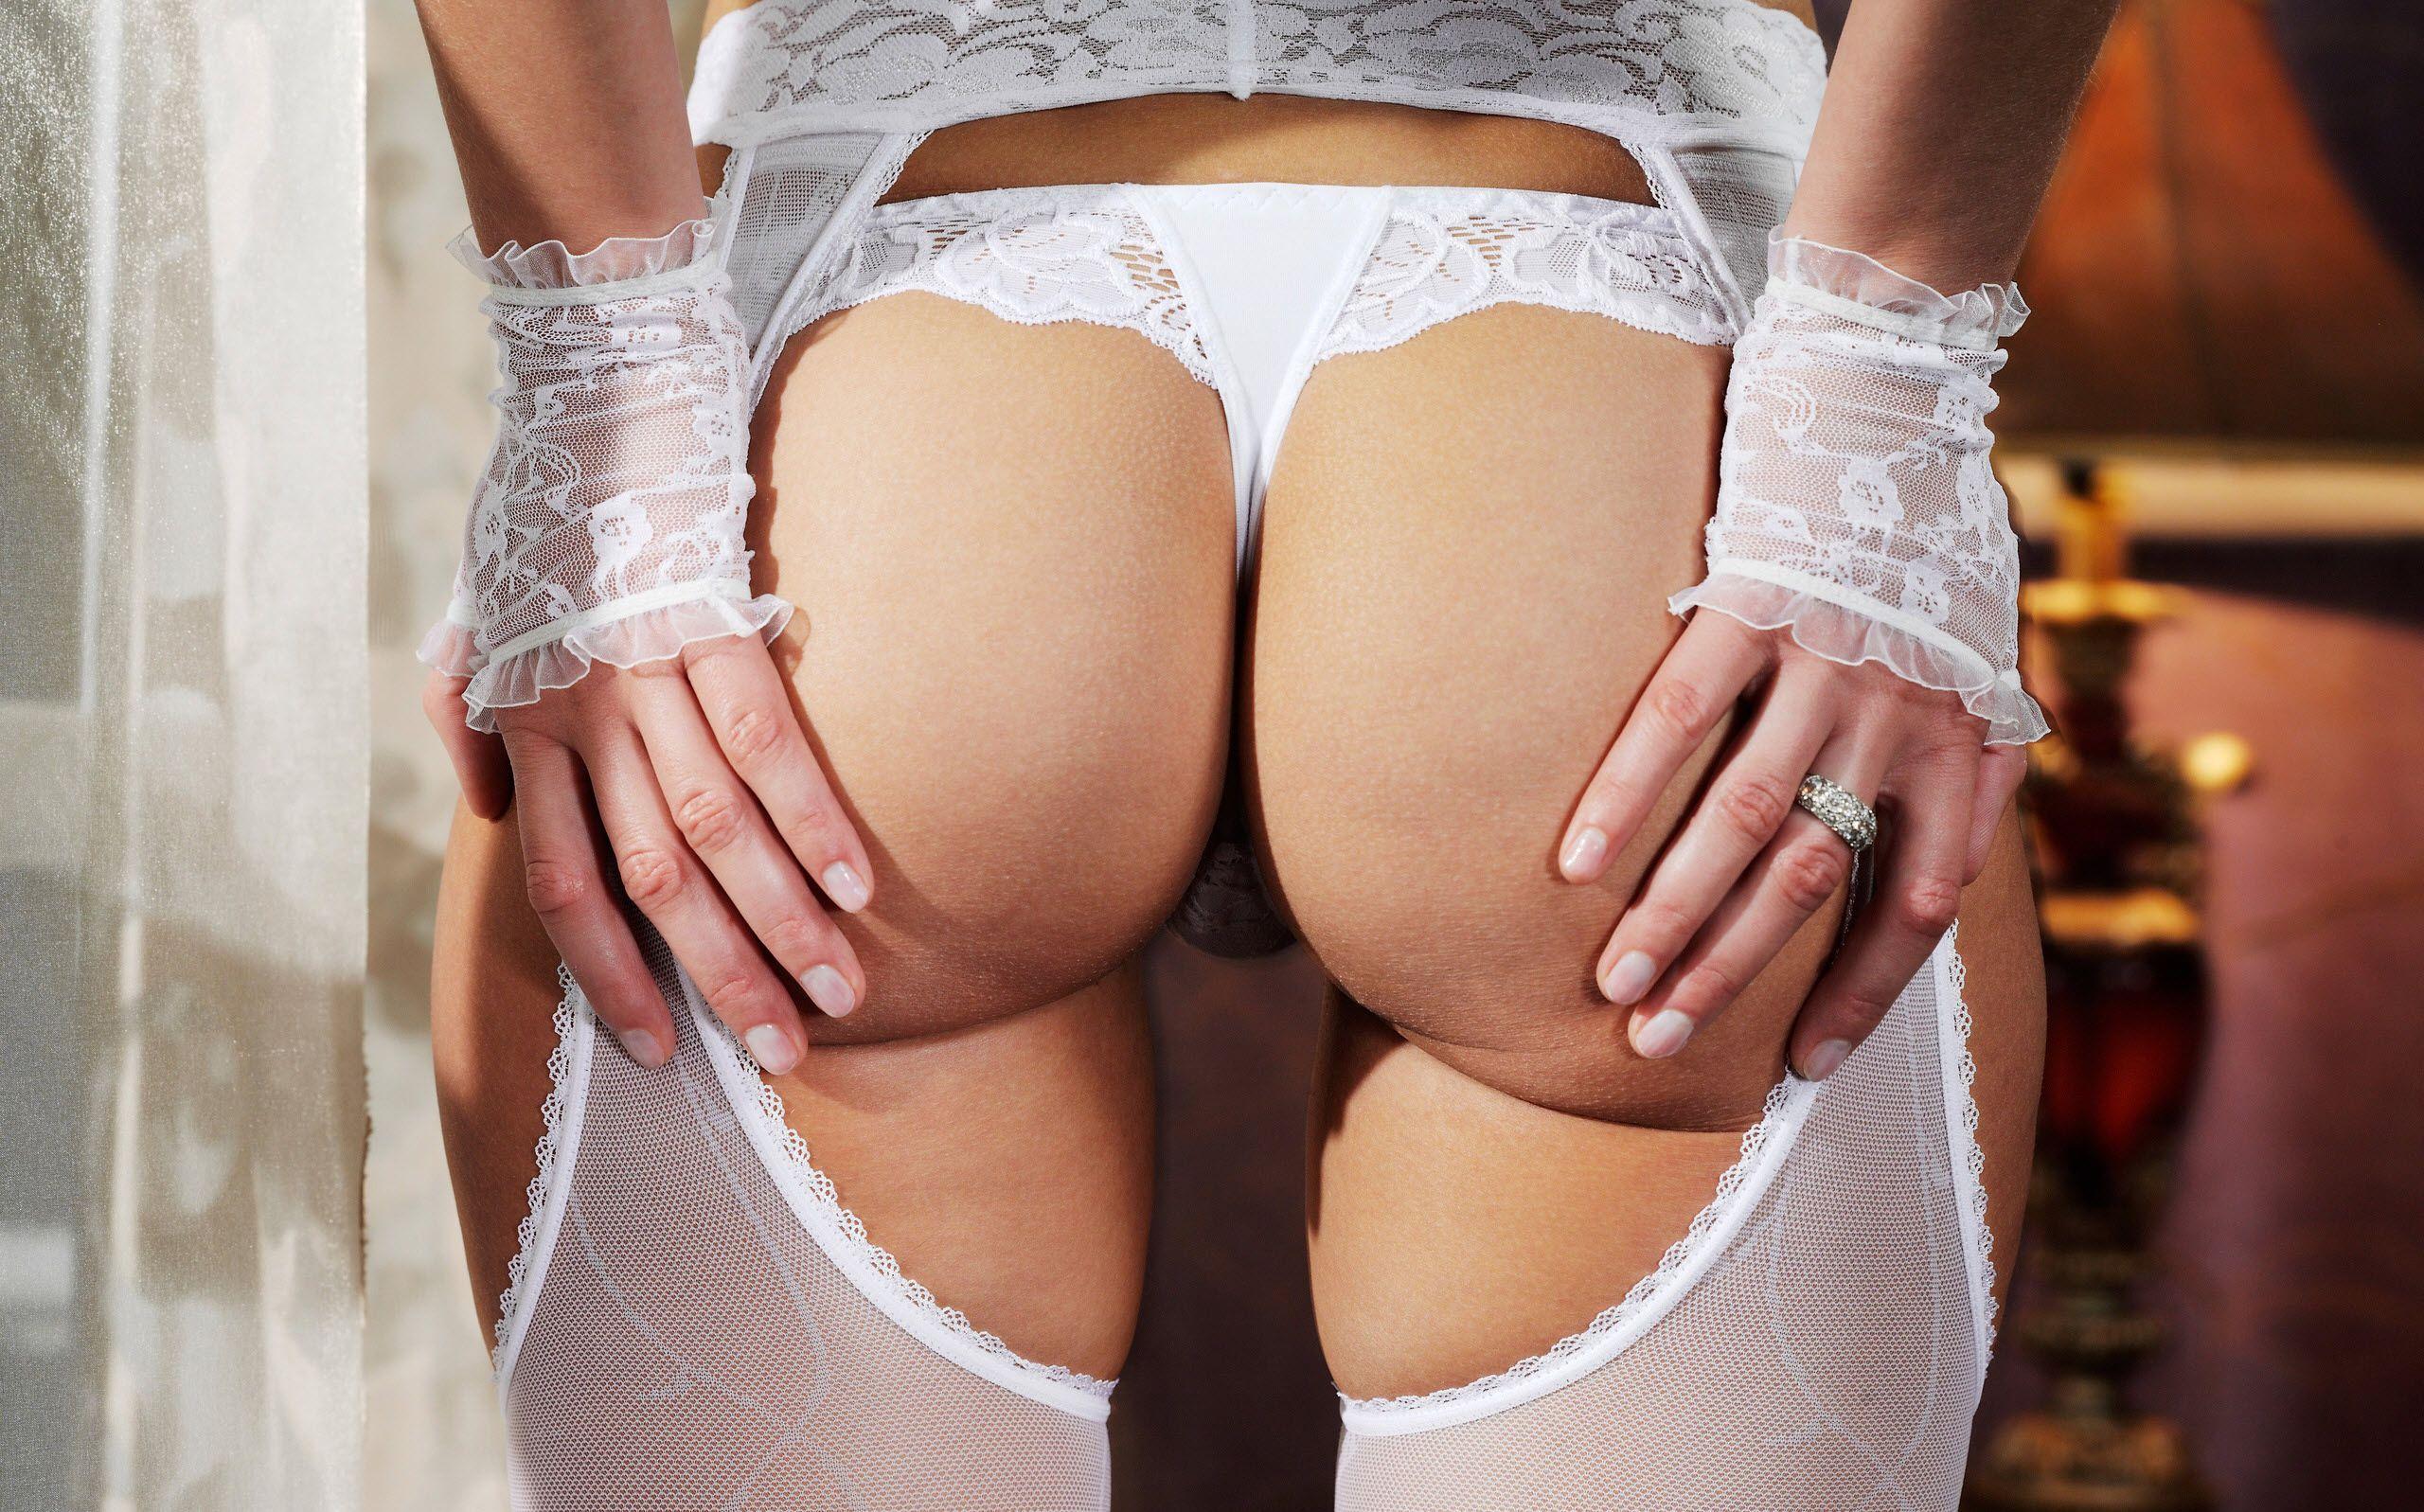 Фото больших женских поп в кружевном белье 24 фотография